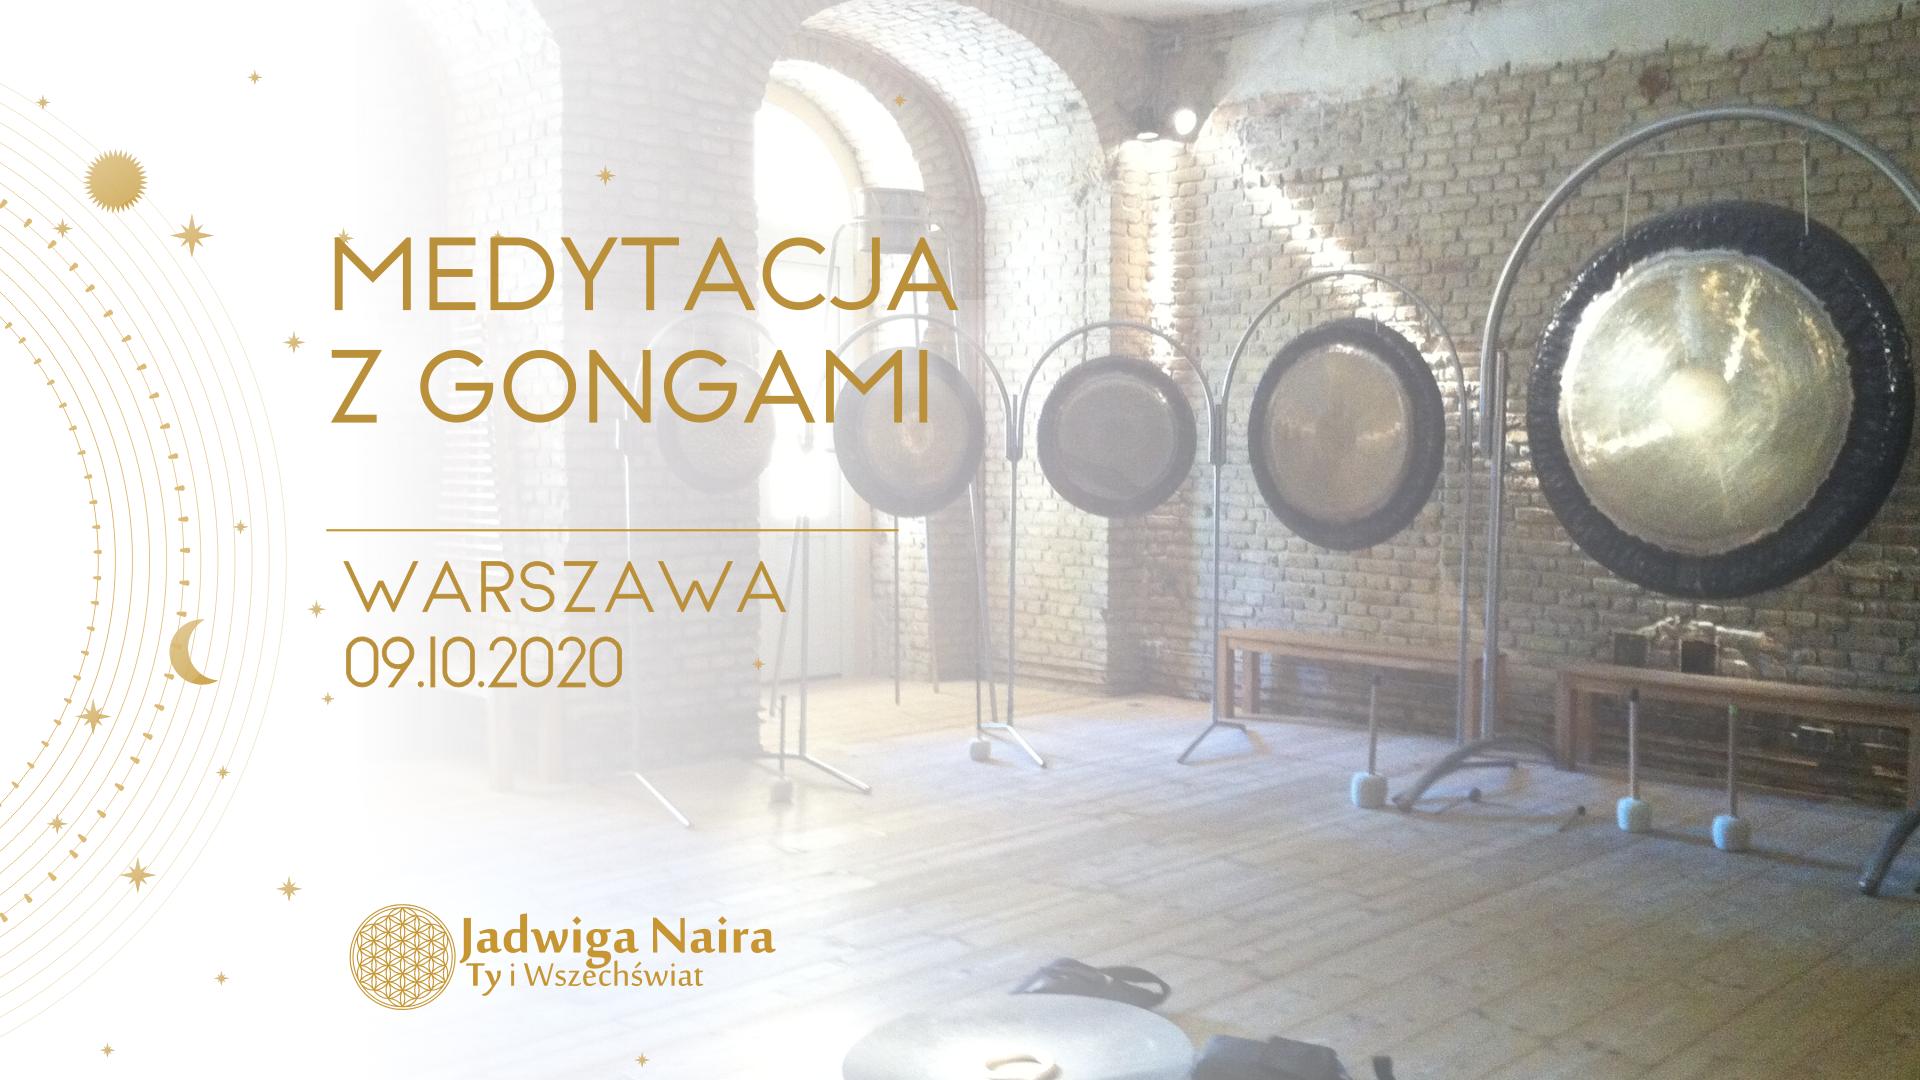 Medytacja z Gongami / Warszawa